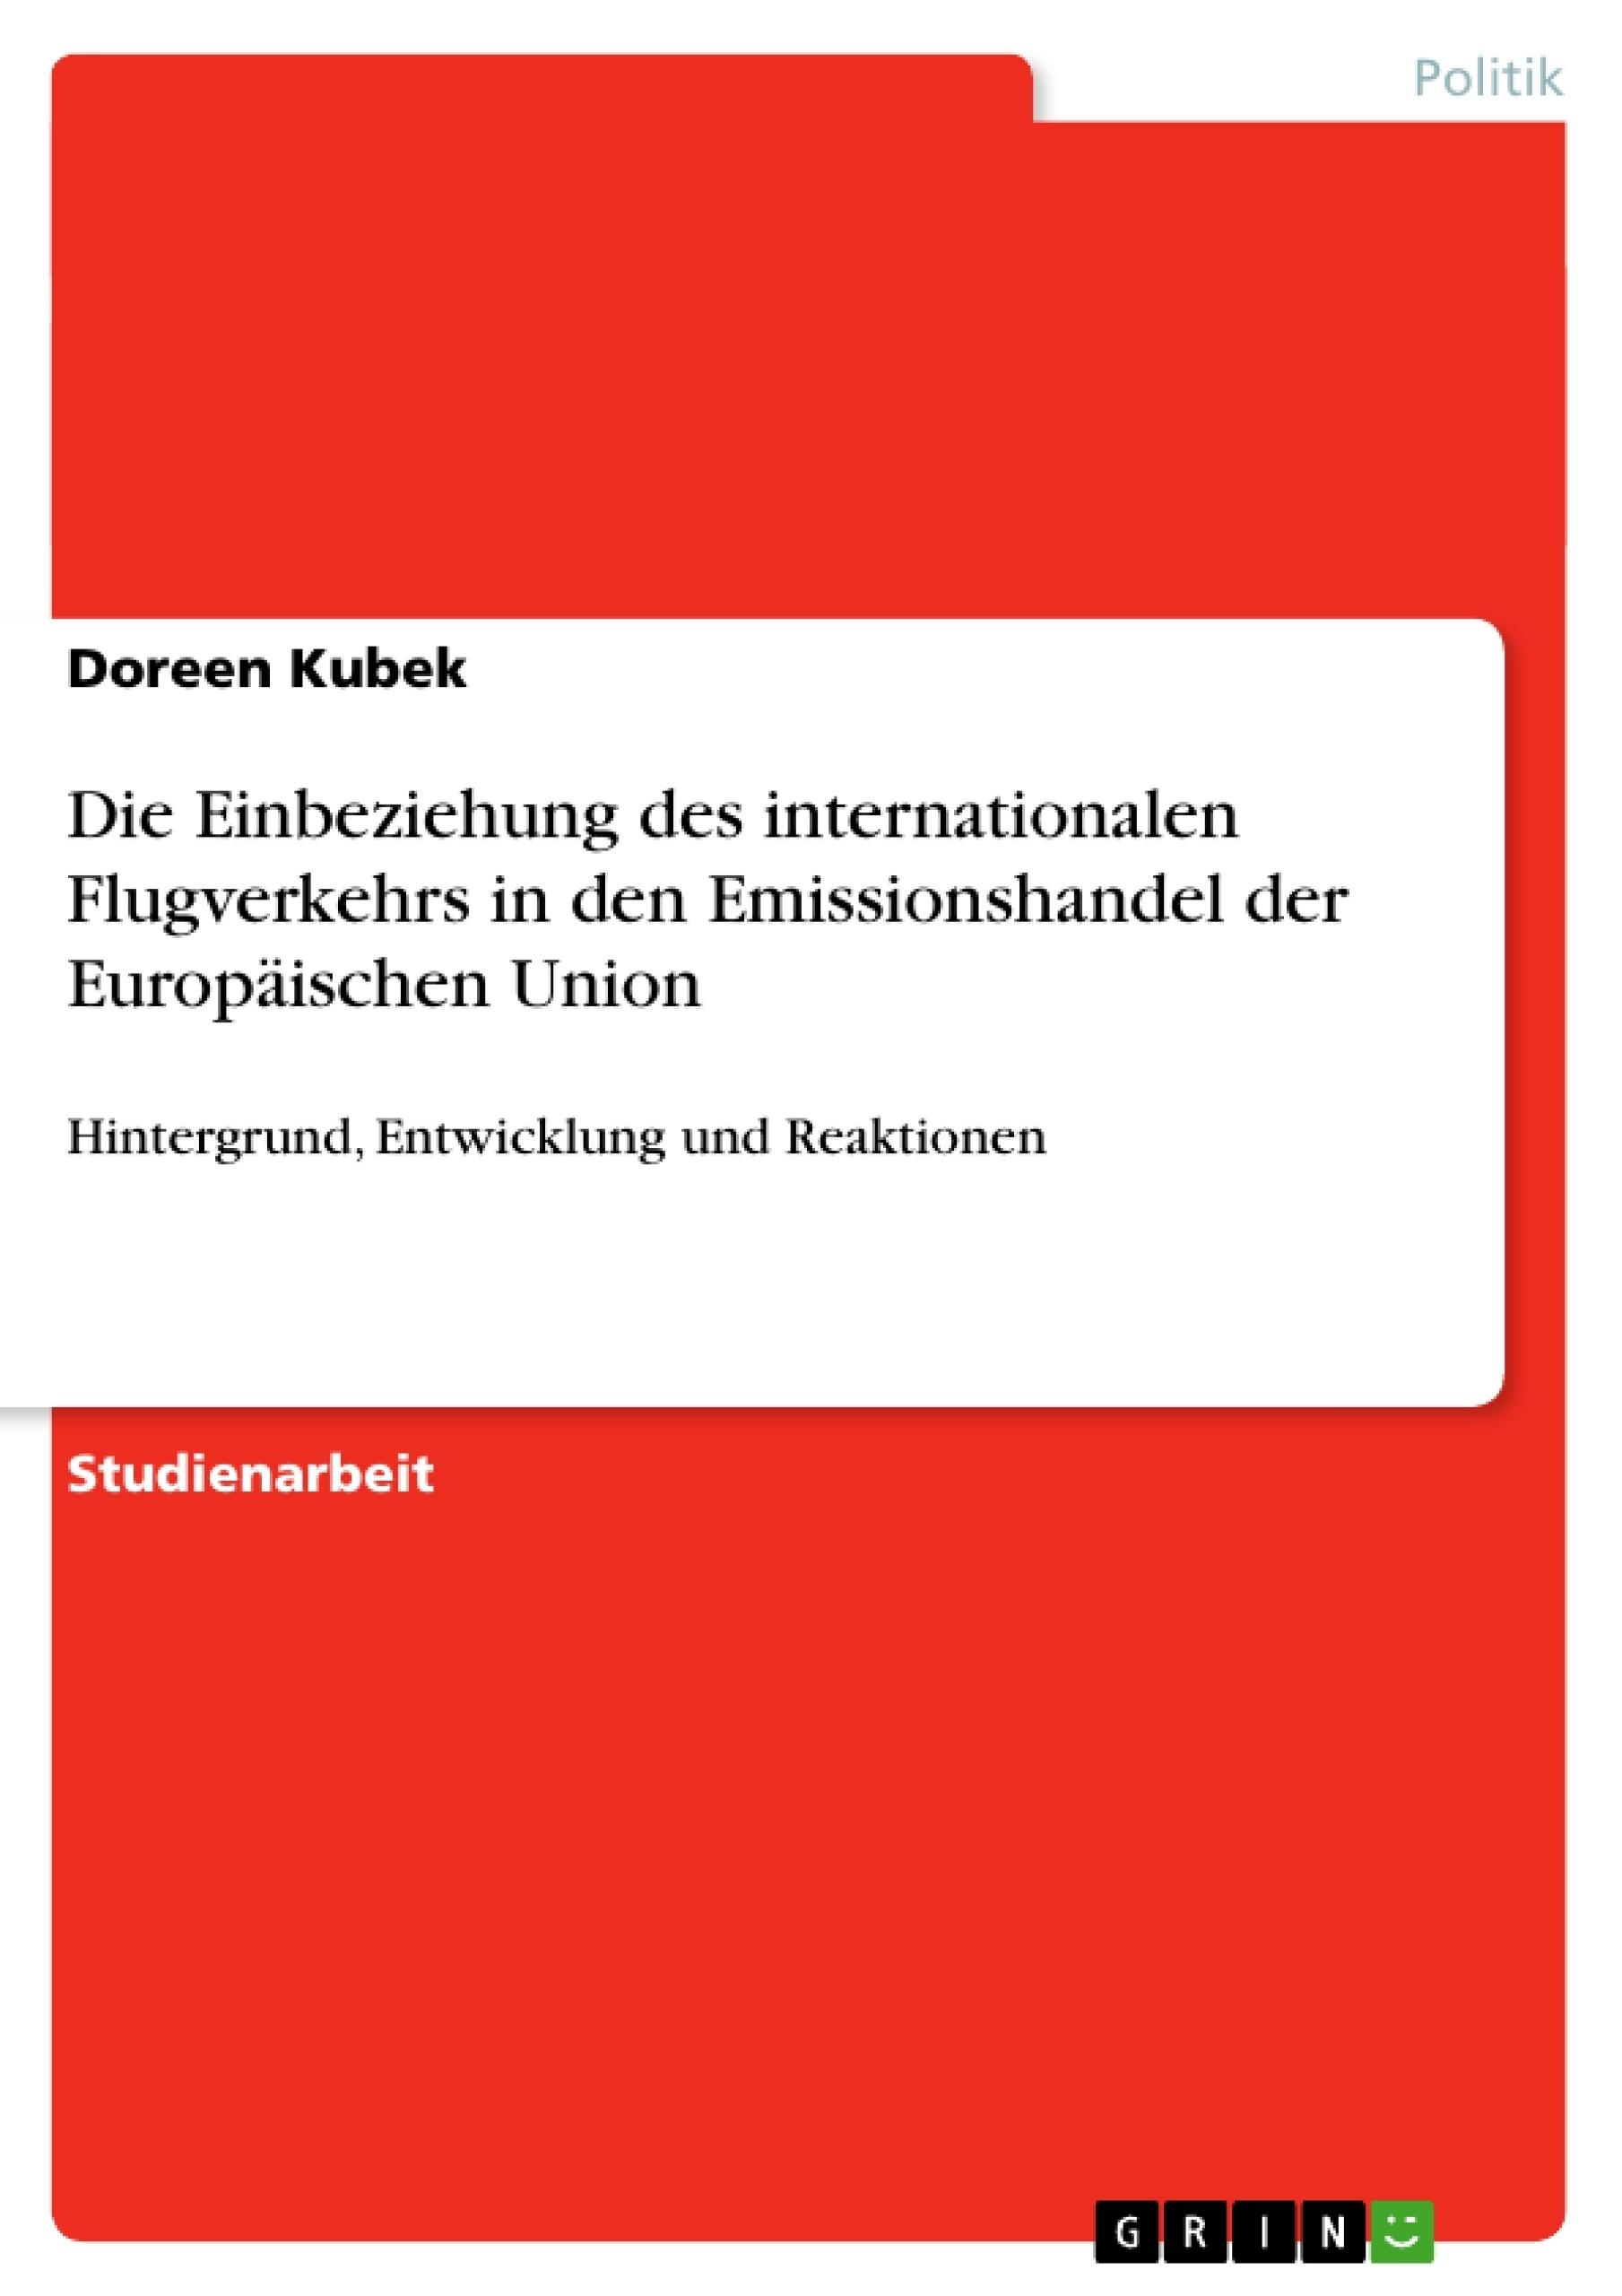 Titel: Die Einbeziehung des internationalen Flugverkehrs in den Emissionshandel der Europäischen Union